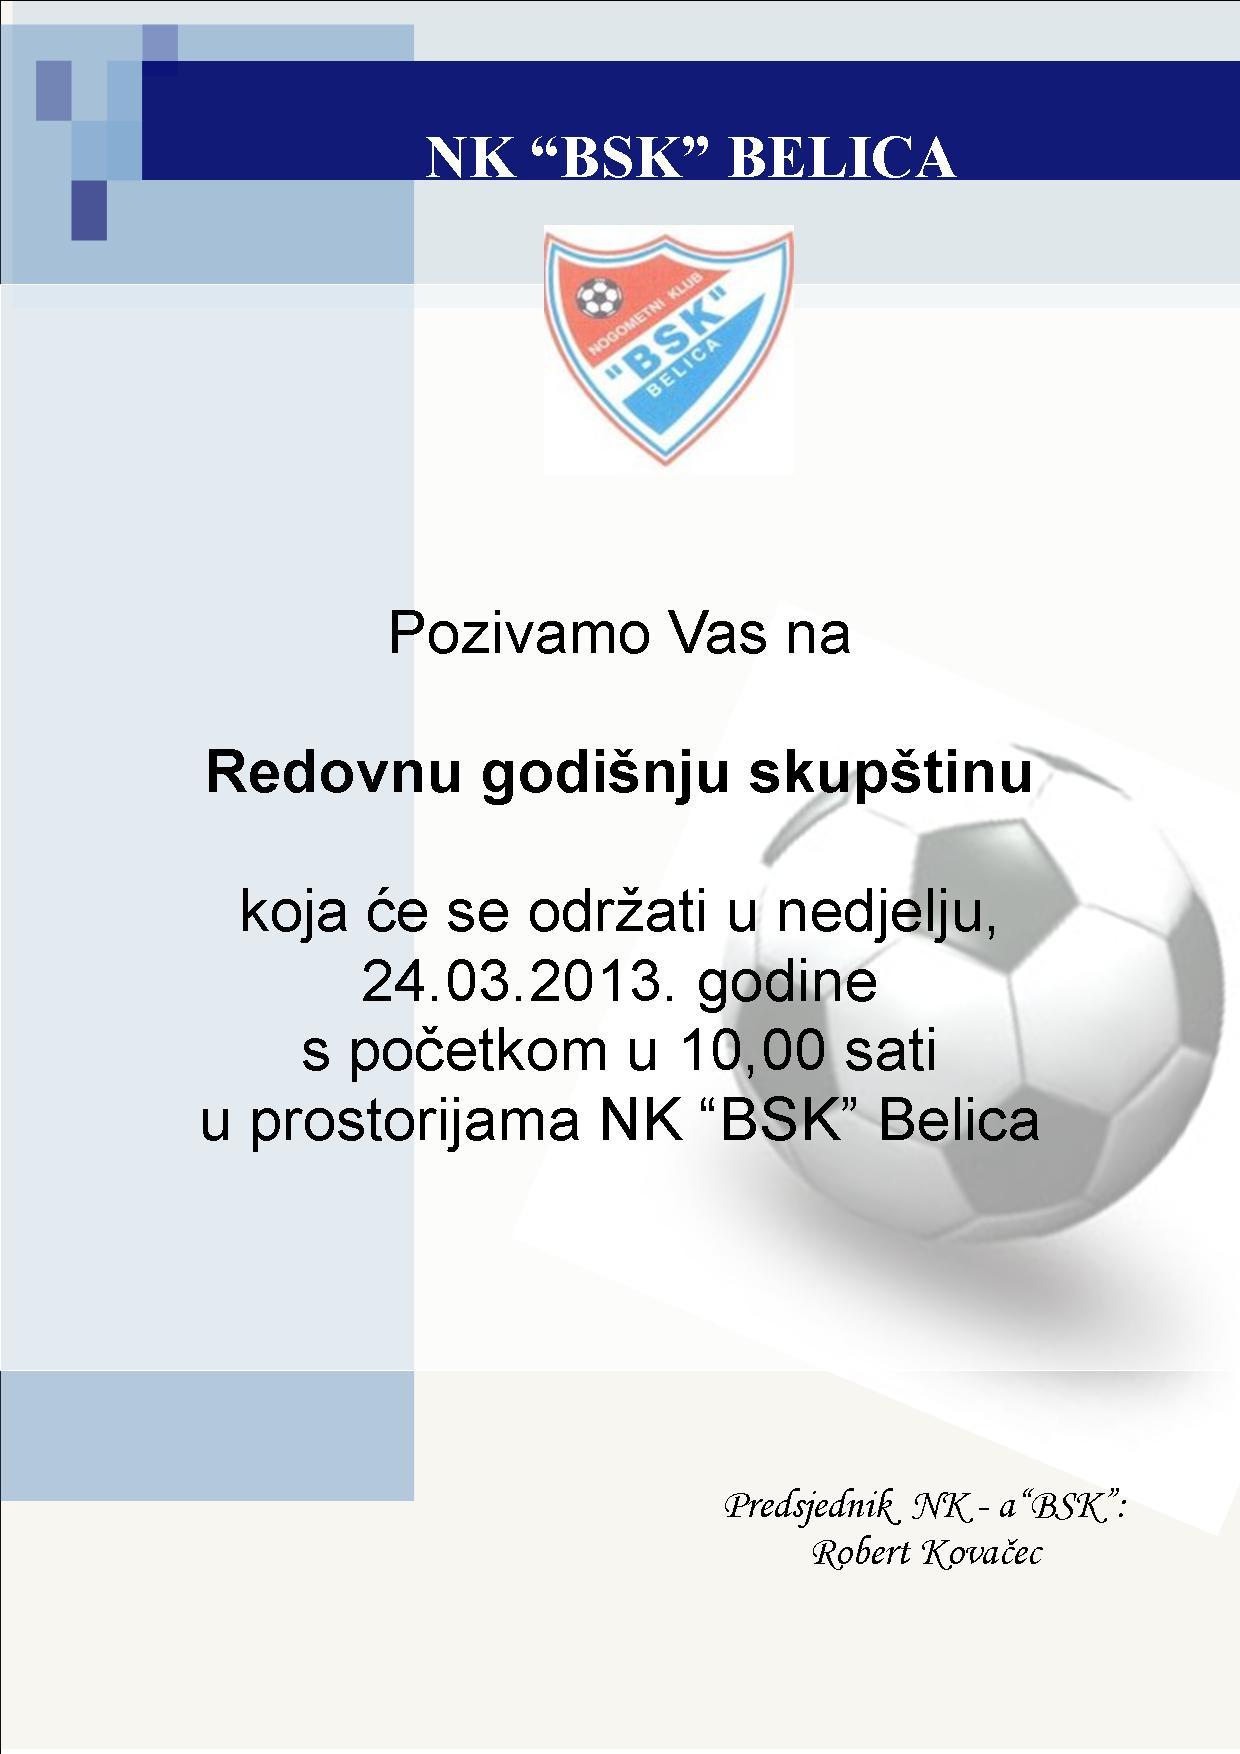 Redovna skupština NK BSK 2013